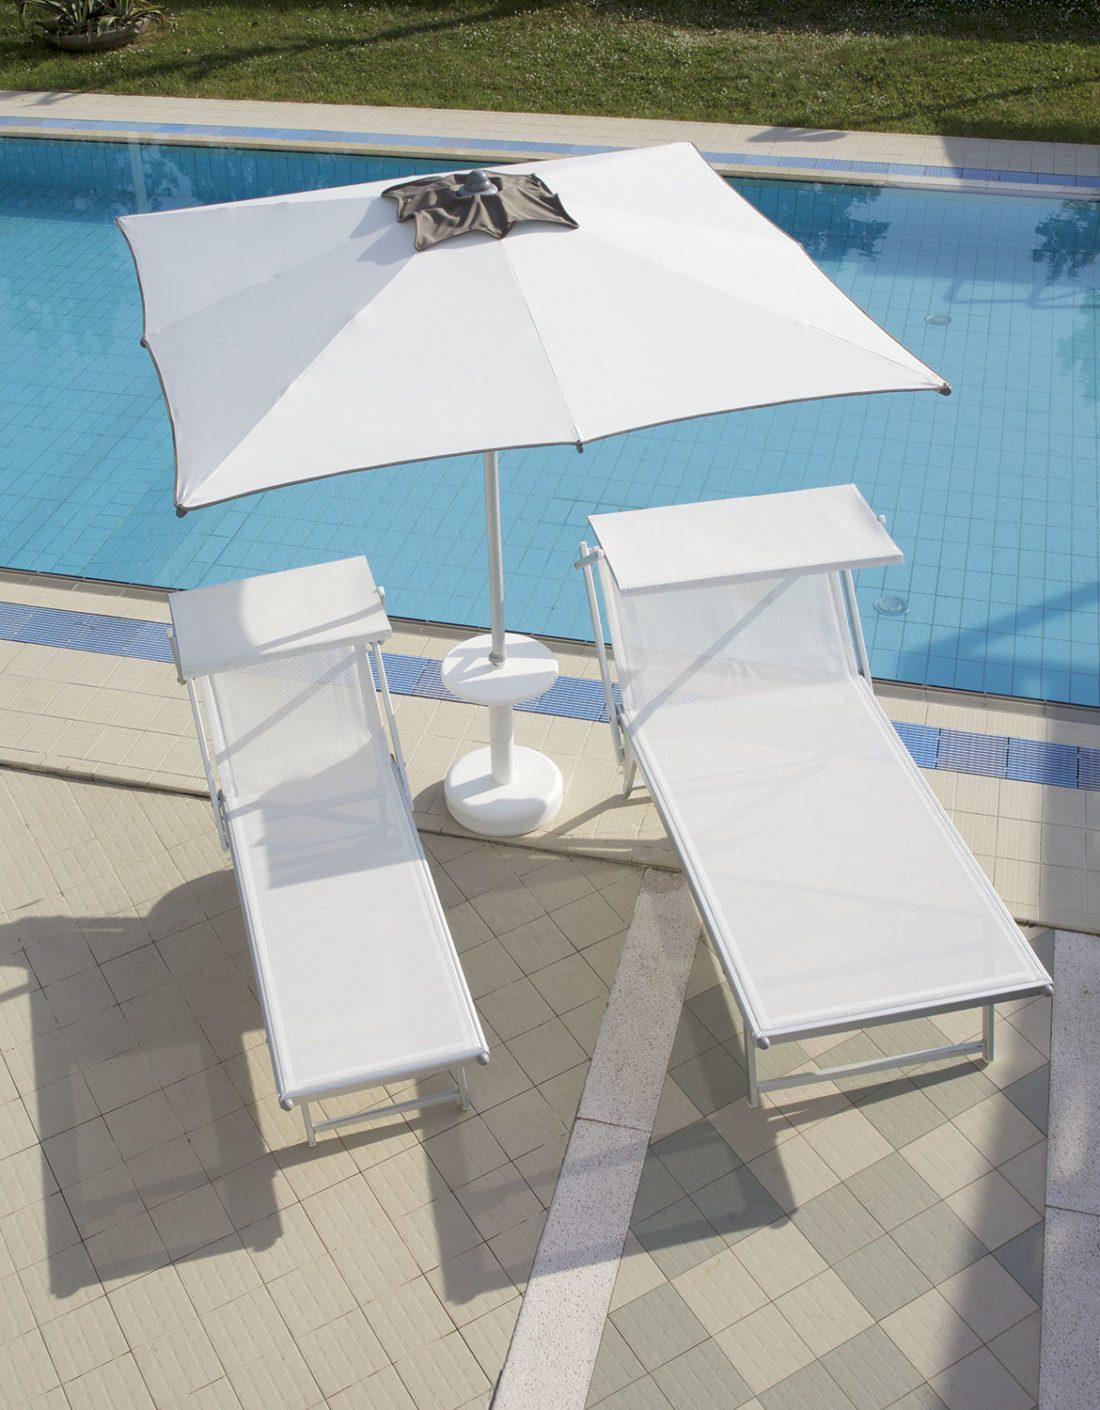 Lettino professional modello VIP - Tessitura Selva - arredi e attrezzatura da spiaggia e giardini